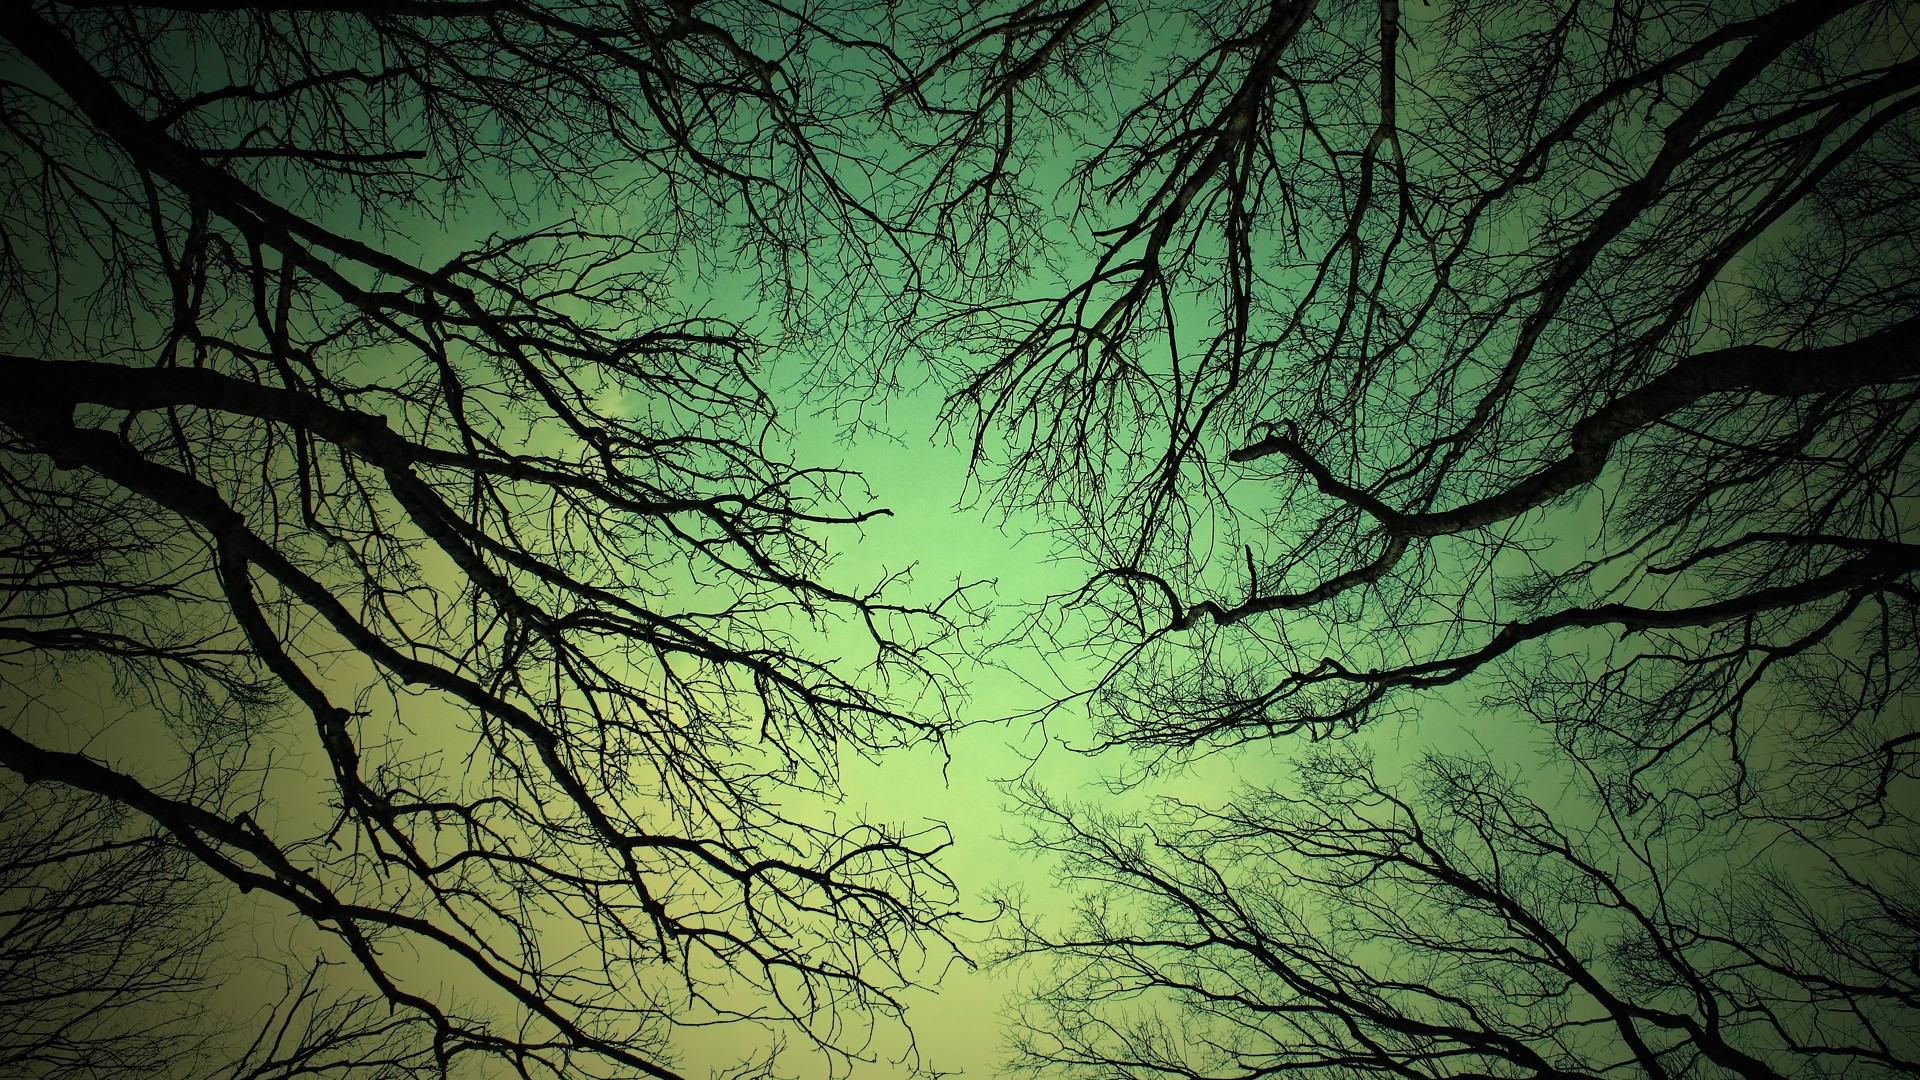 природа деревья ветки в хорошем качестве